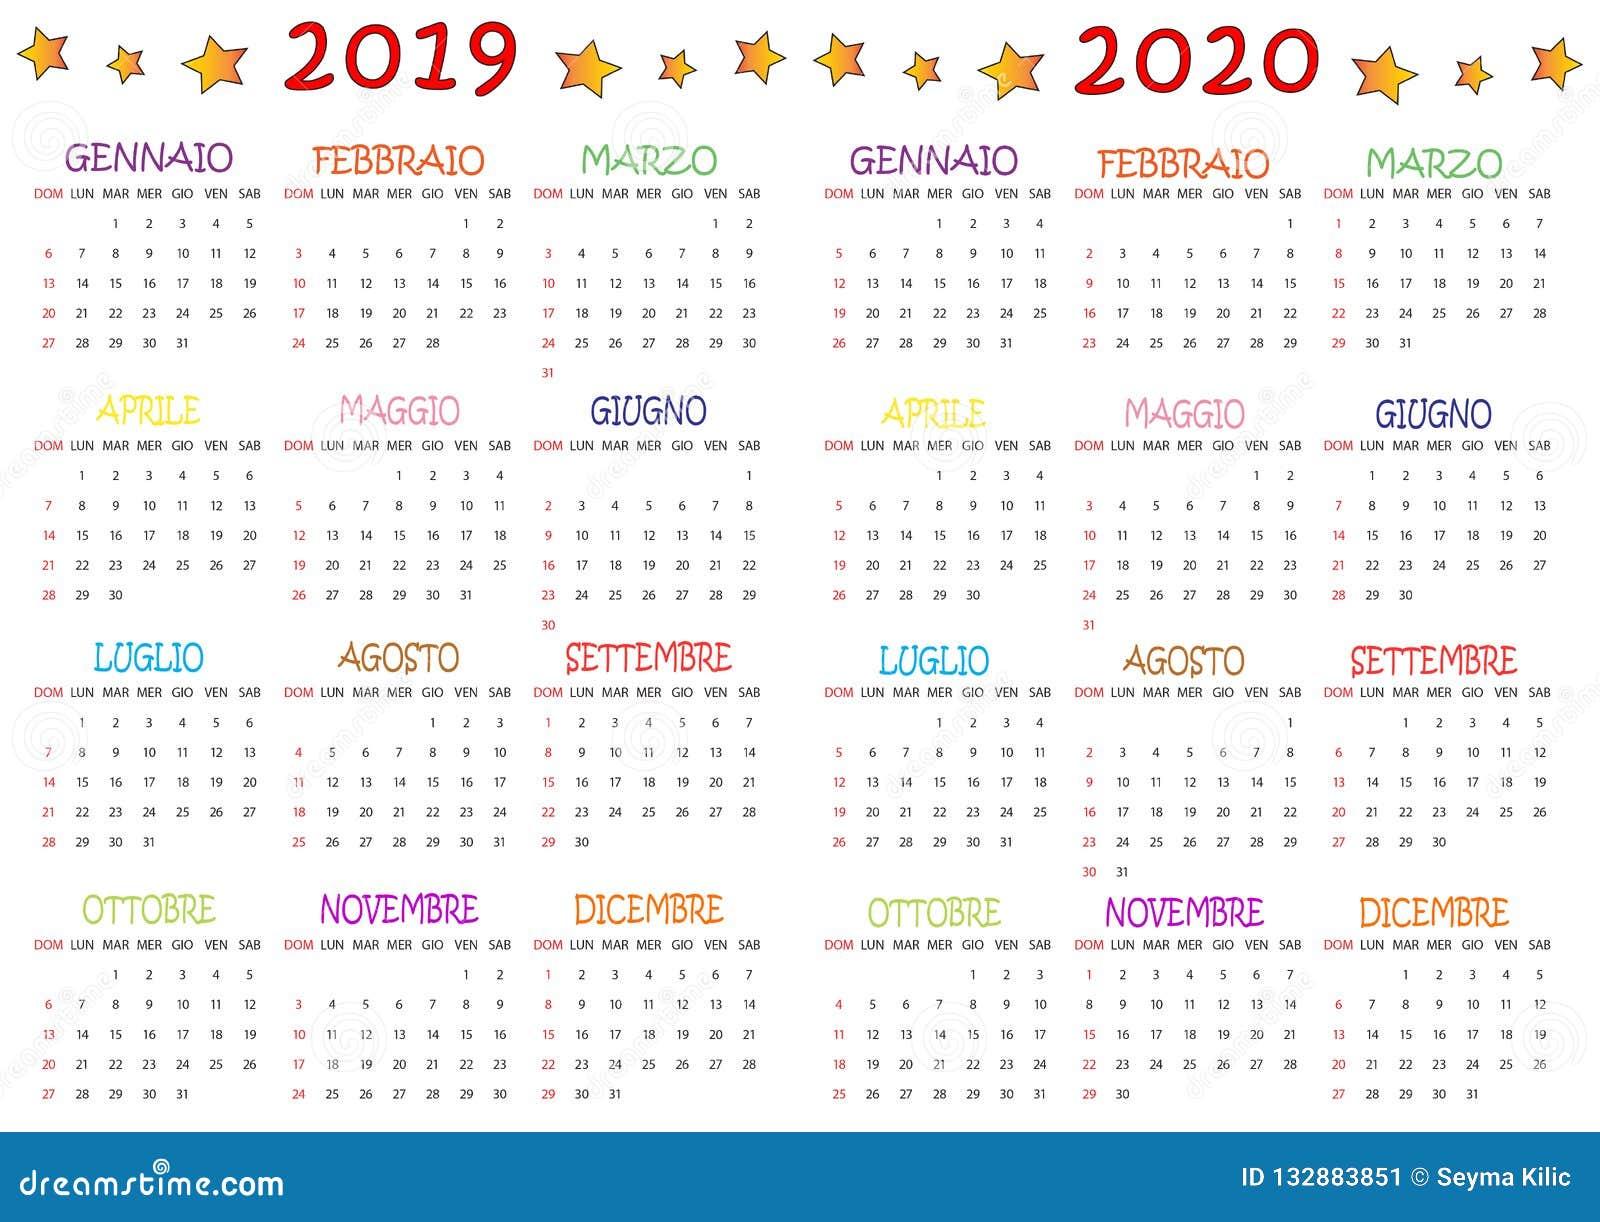 Calendario 2020 Da Colorare Per Bambini.Calendario Bambini 2020 Calendario 2020